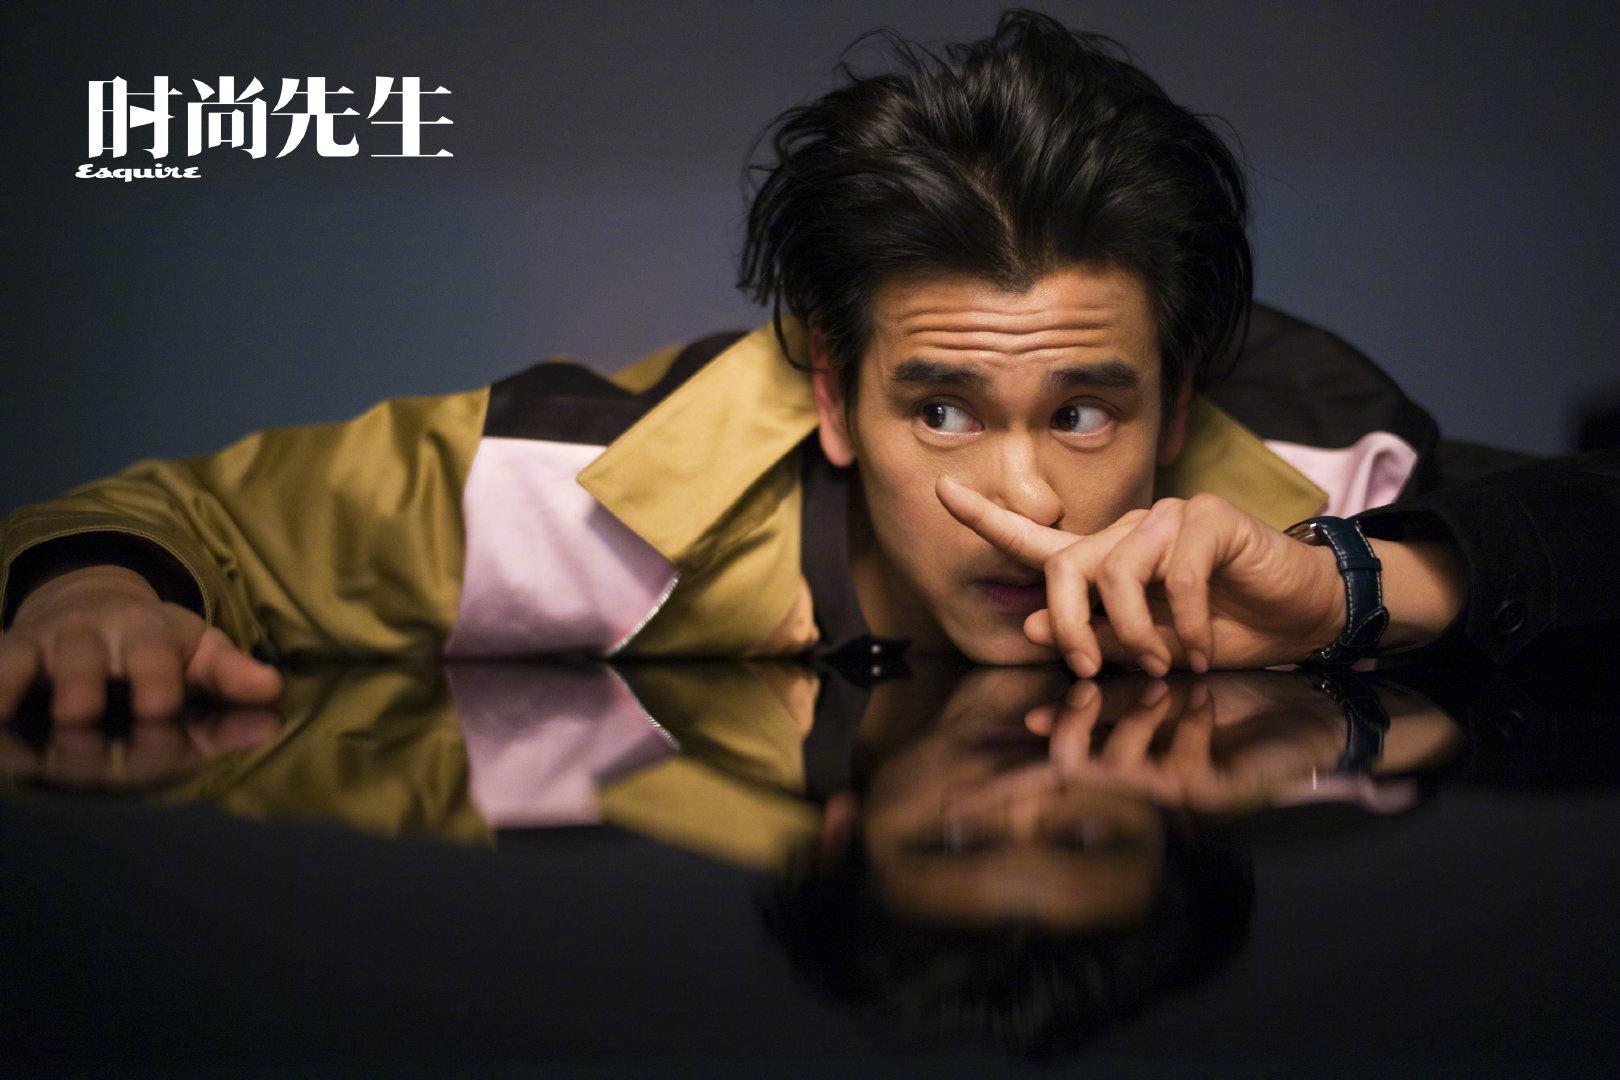 彭于晏无惧时光痕迹.jpg